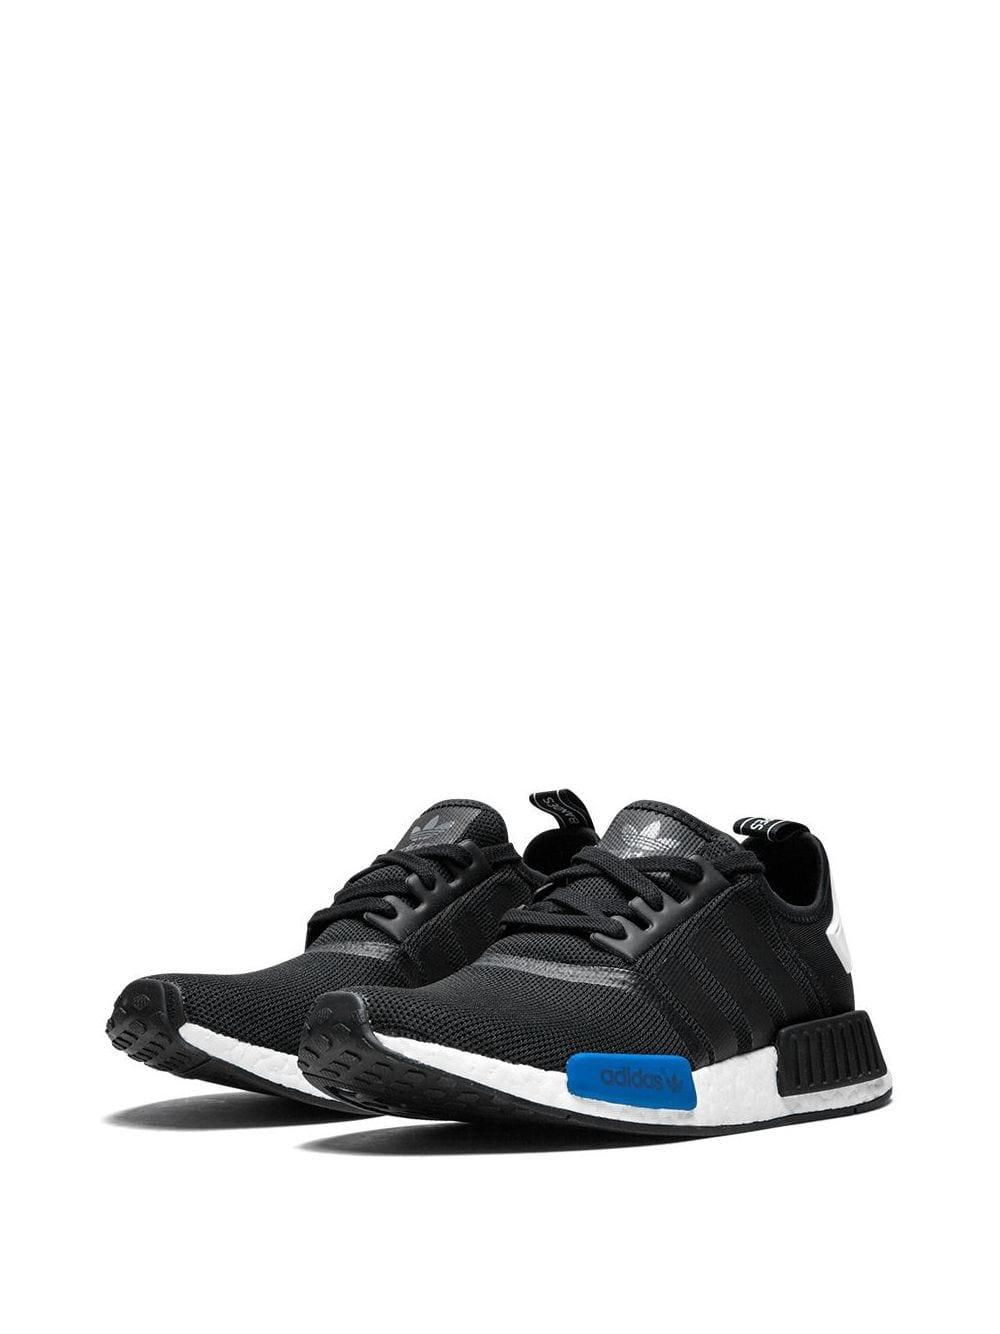 Zapatillas NMD Runner adidas de Caucho de color Negro para hombre